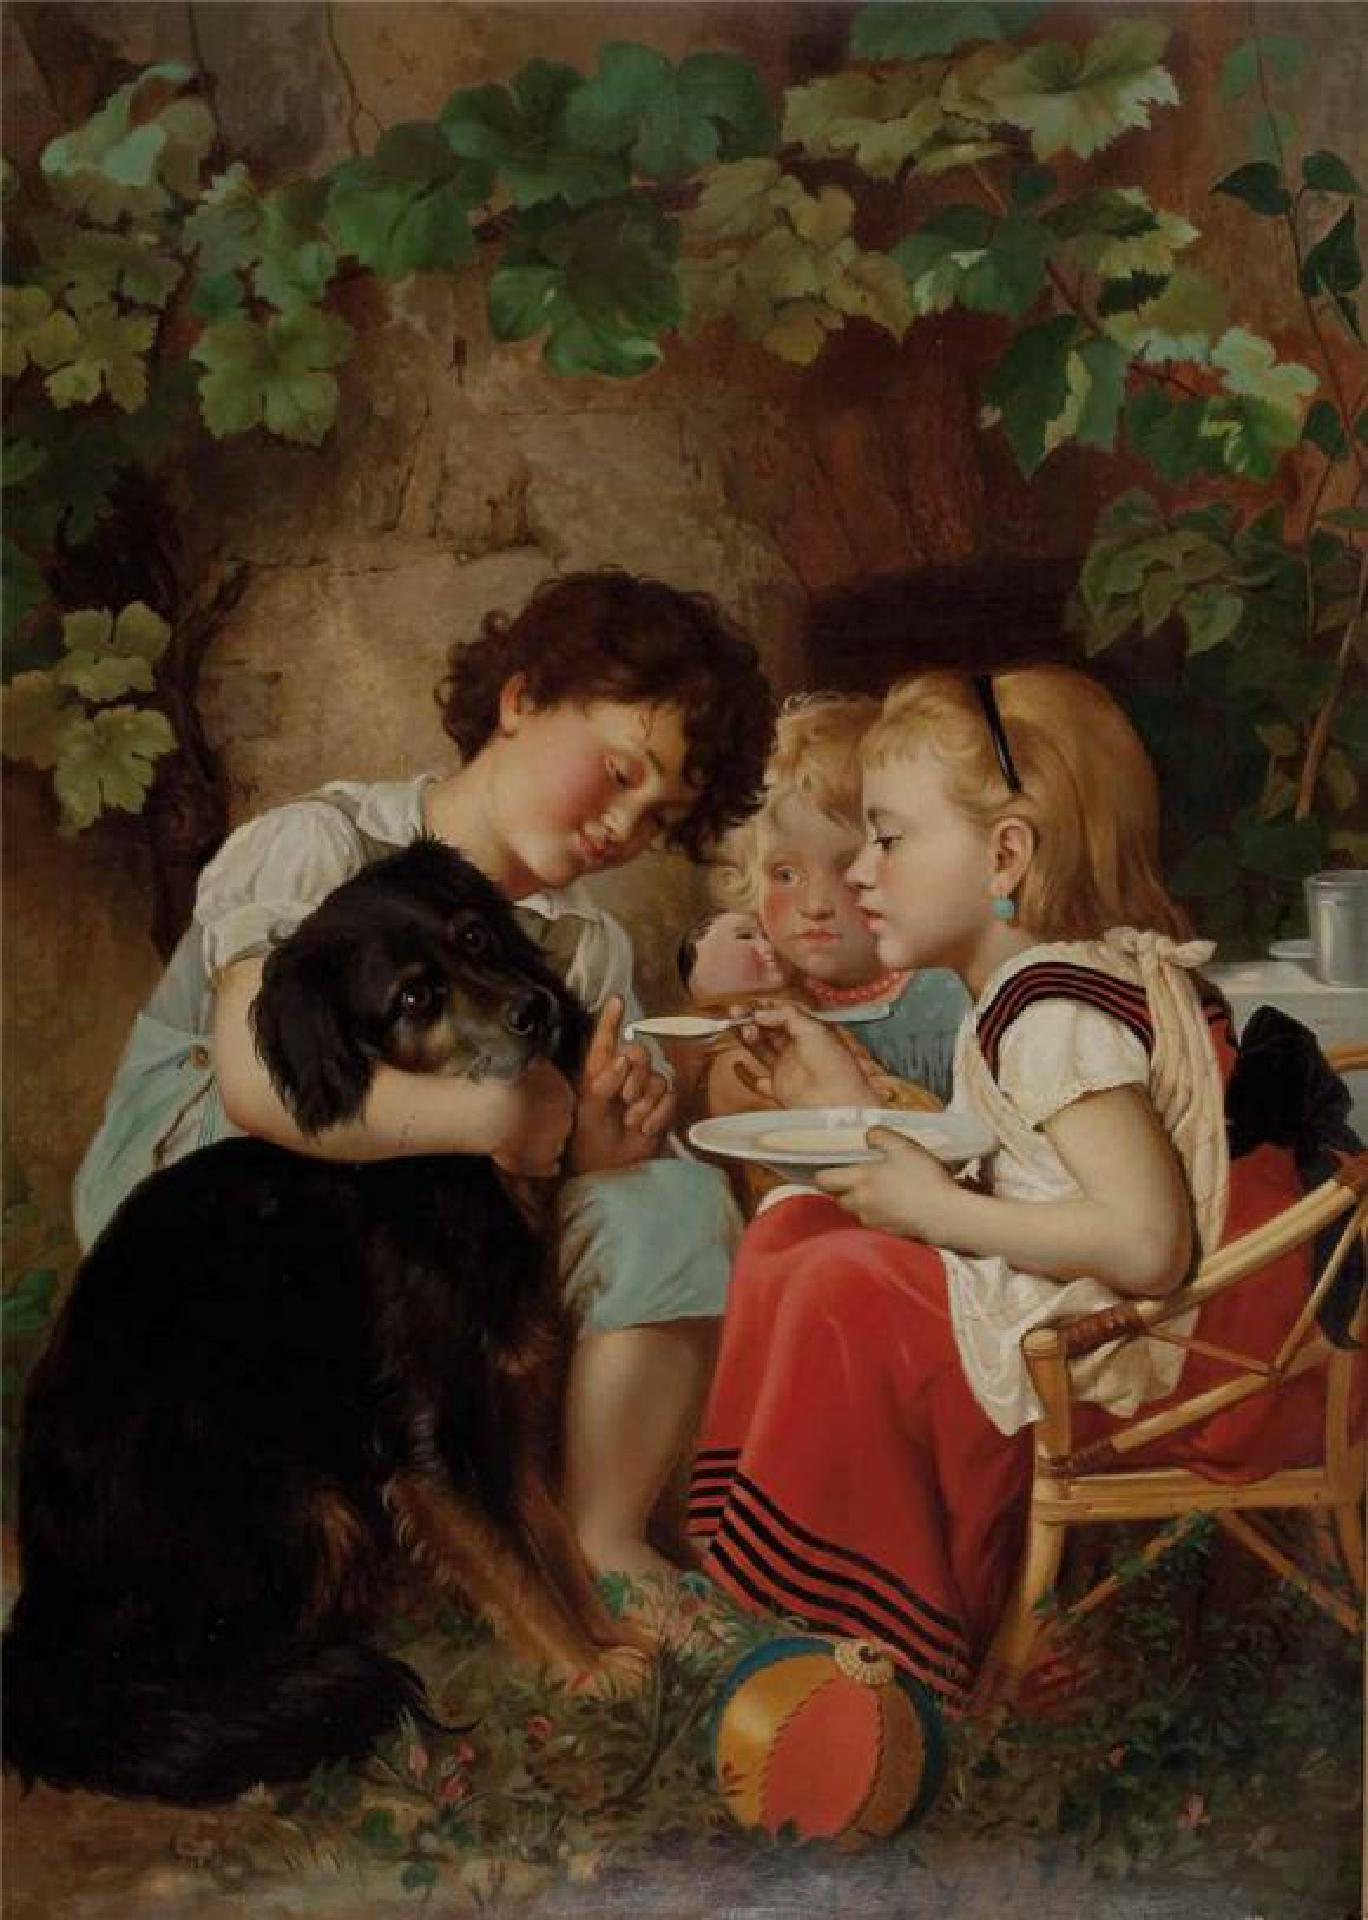 C. Reichert (1836-1918)